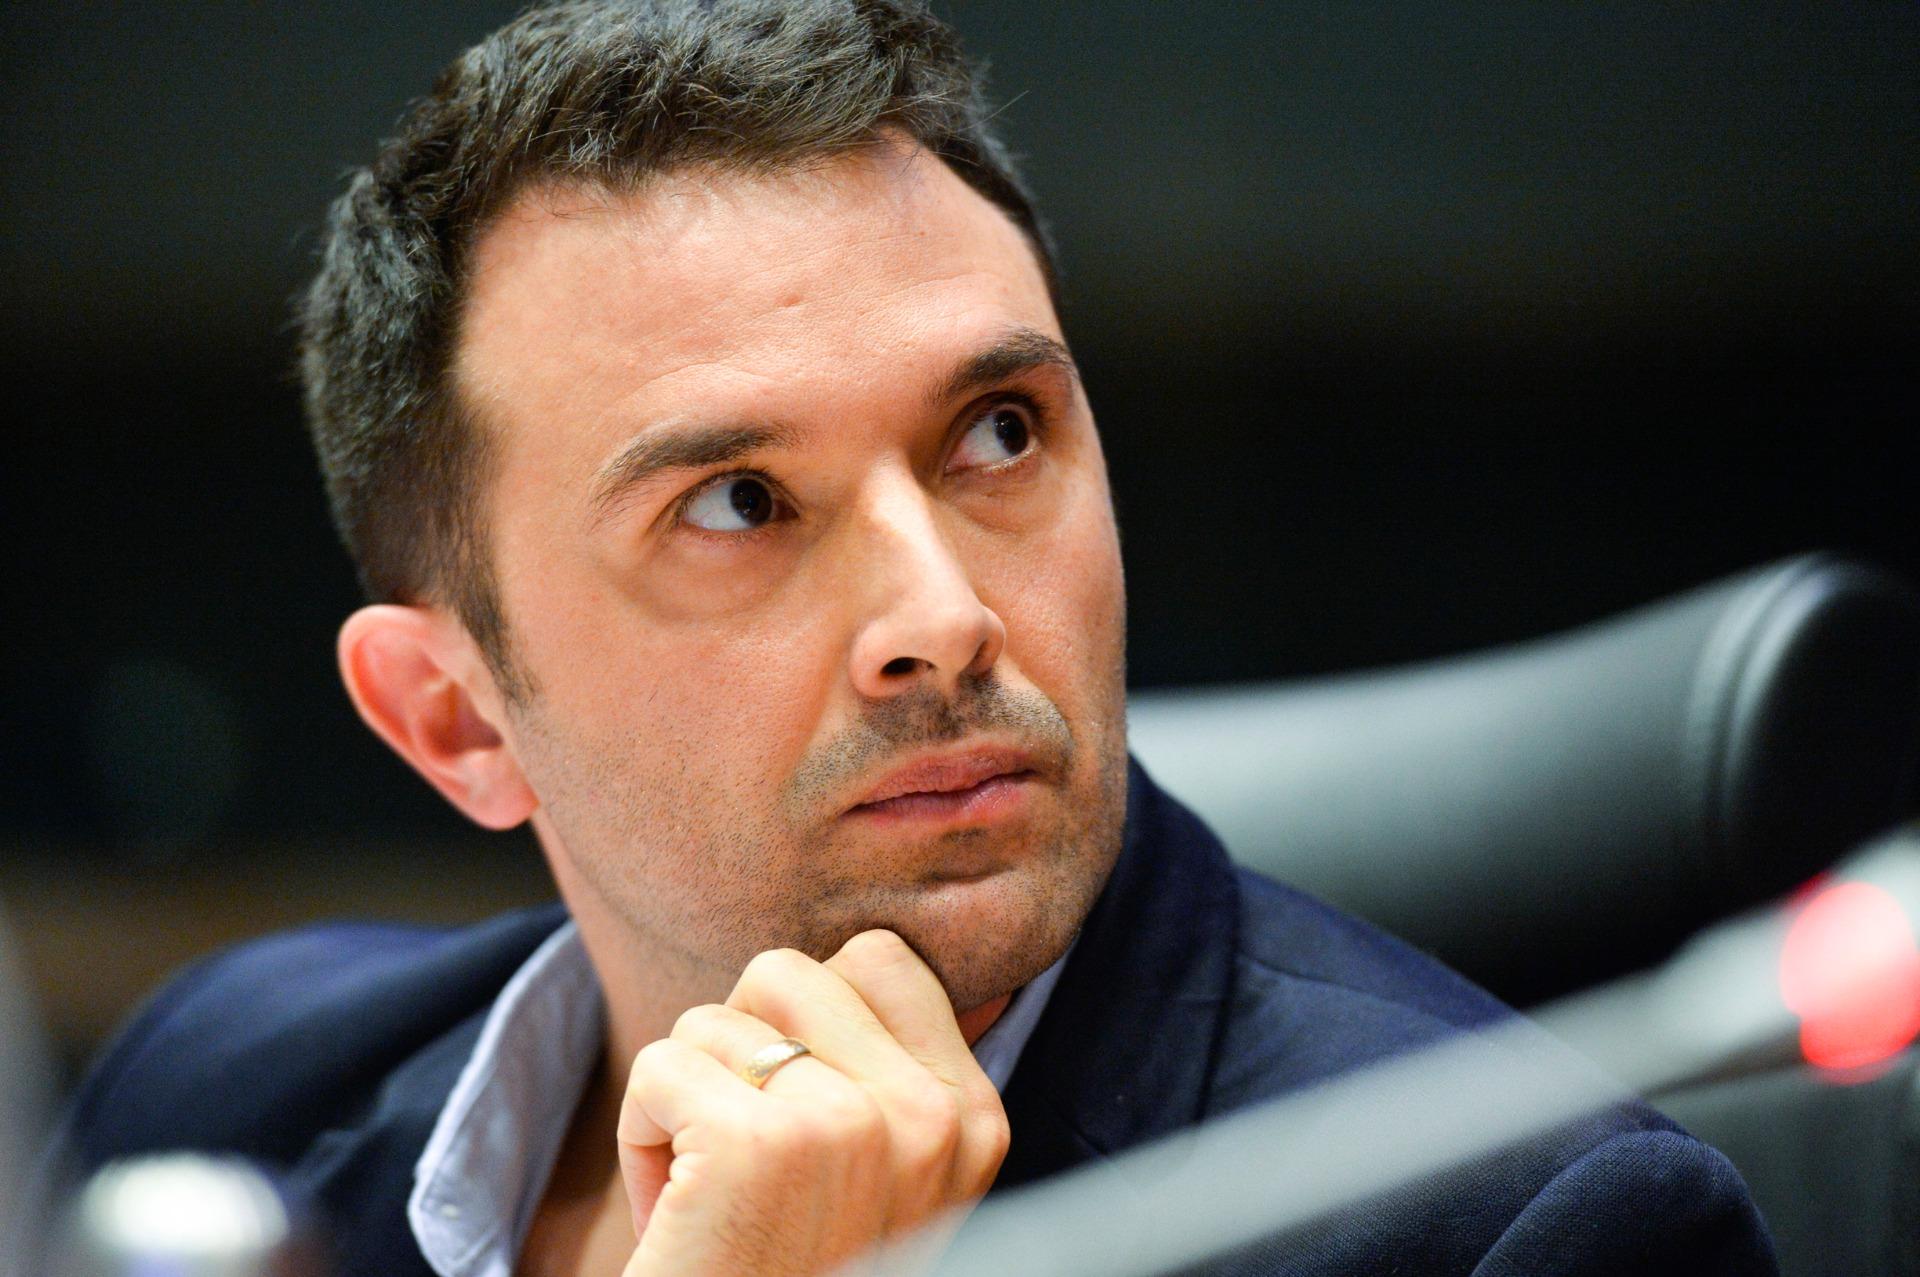 Francisco Guerreiro MEP